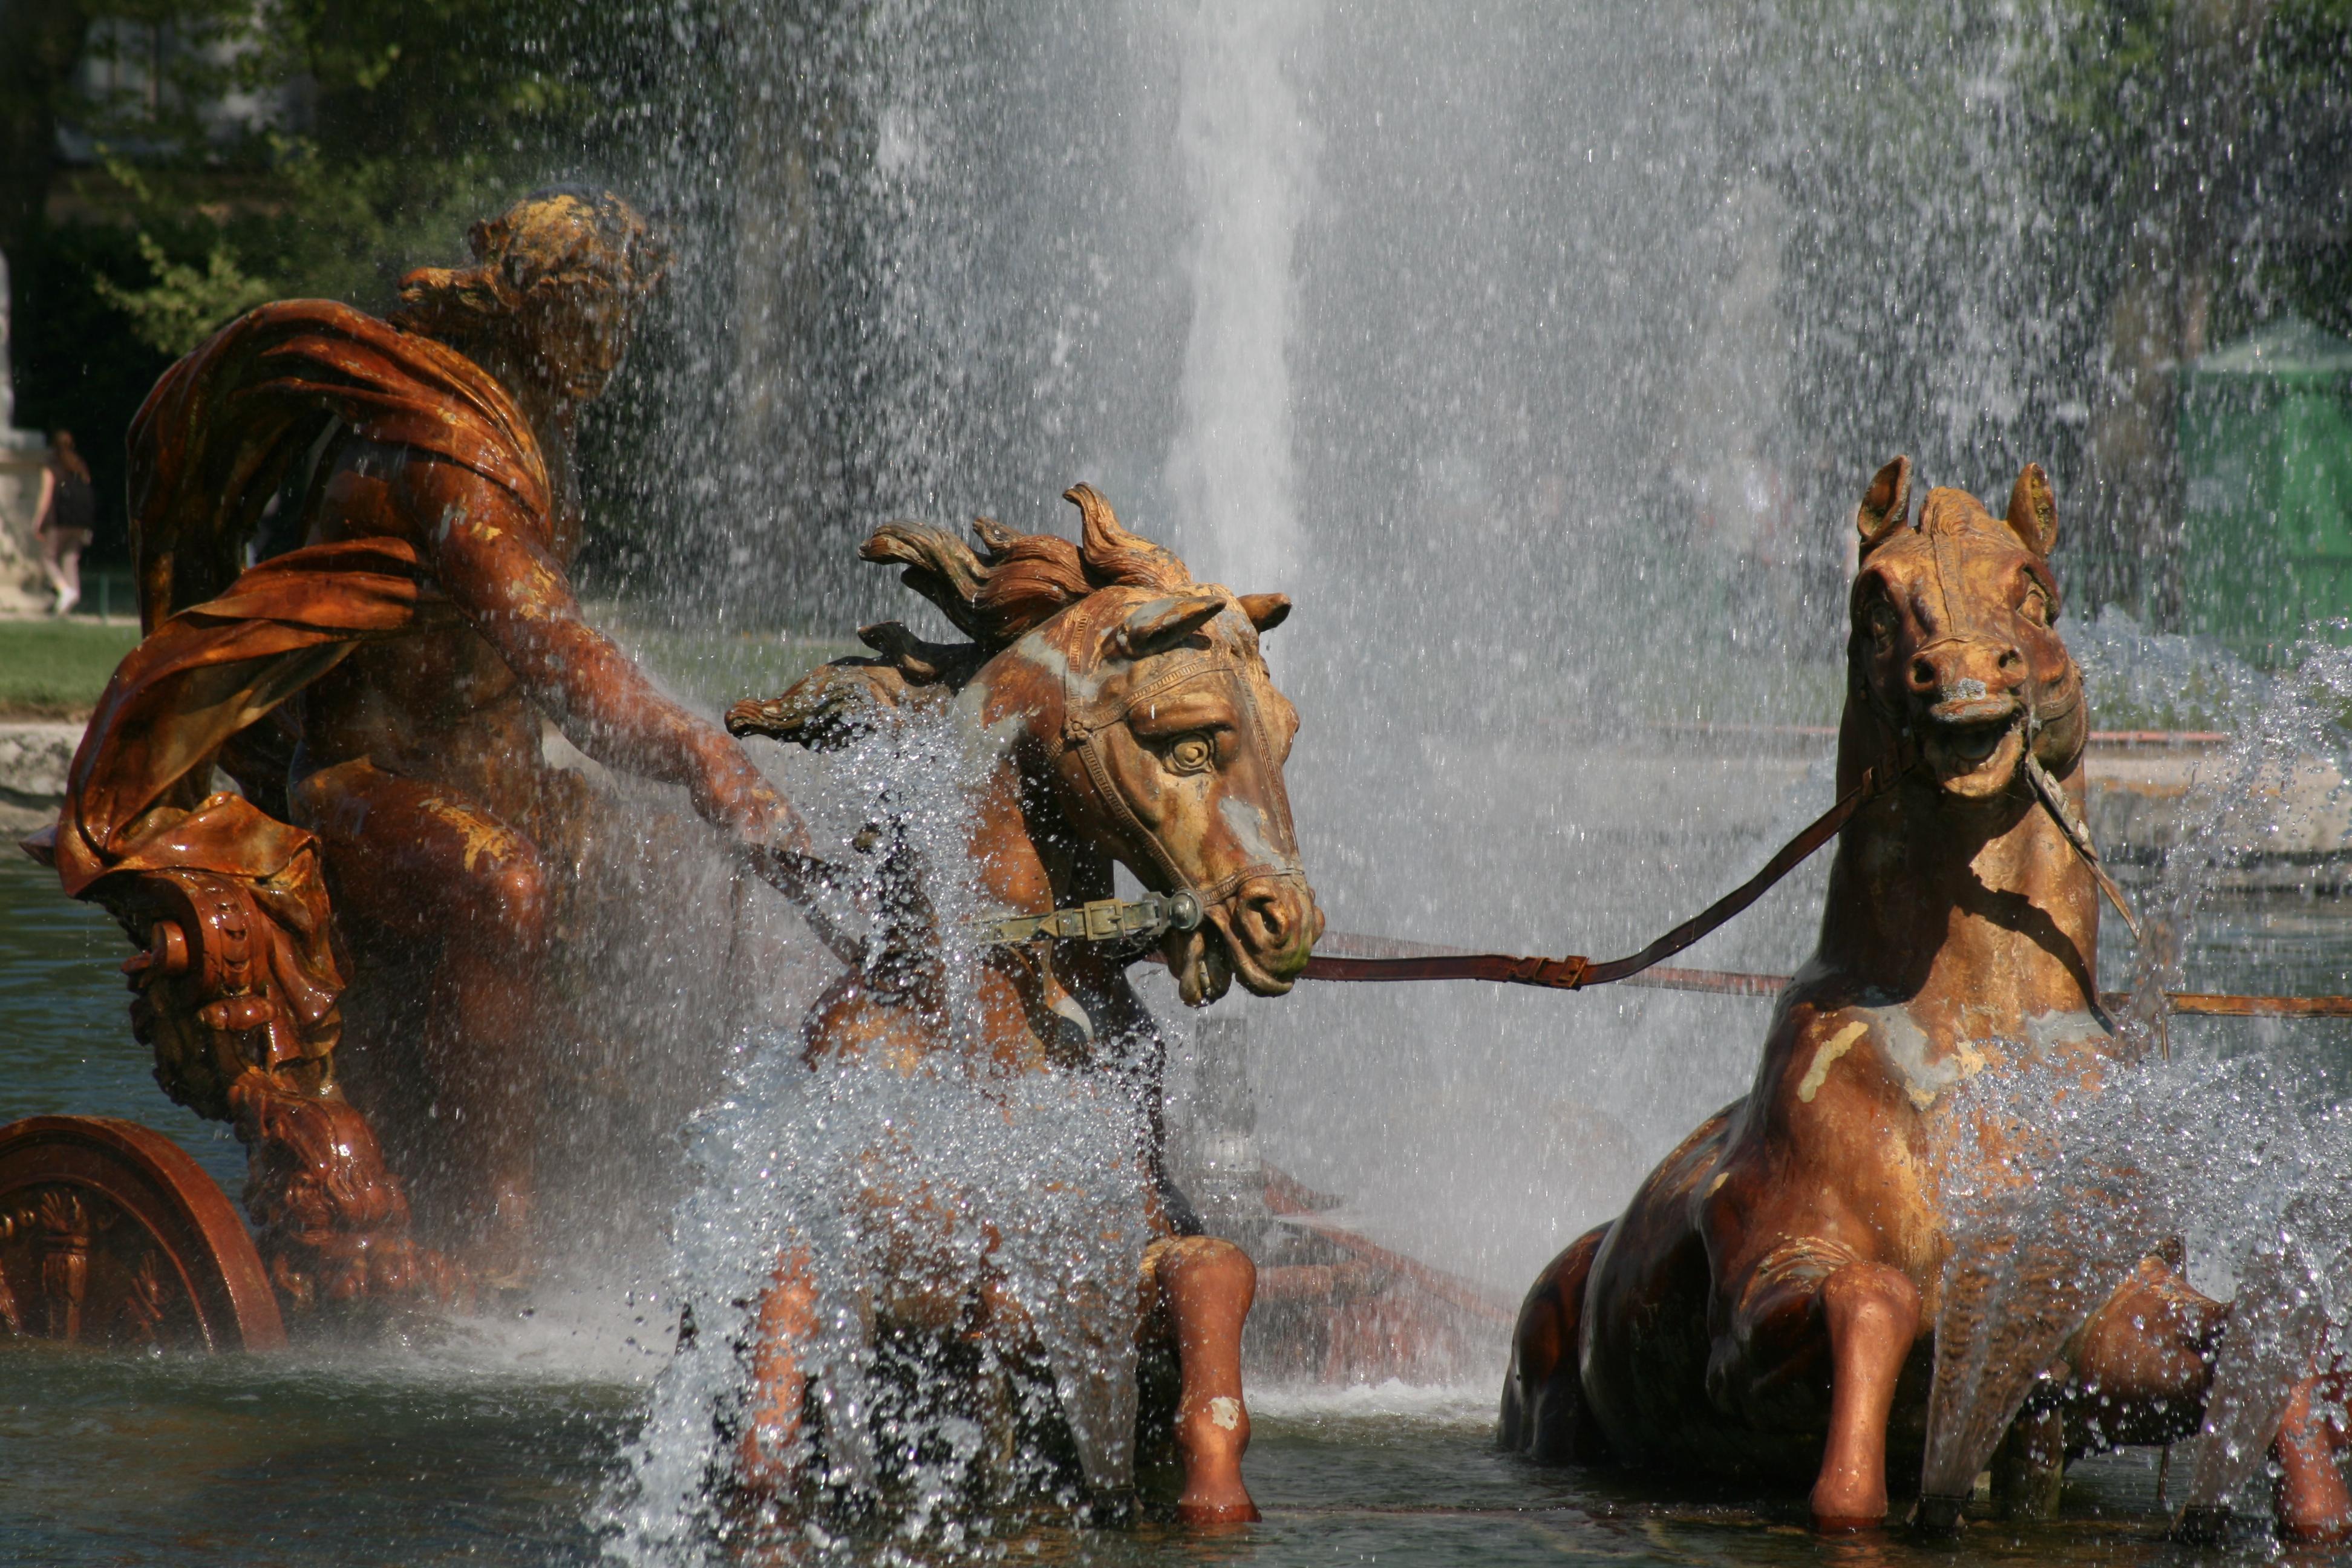 Image De Apollon file:apollon et ses chevaux, bassin du char d'apollon, château de